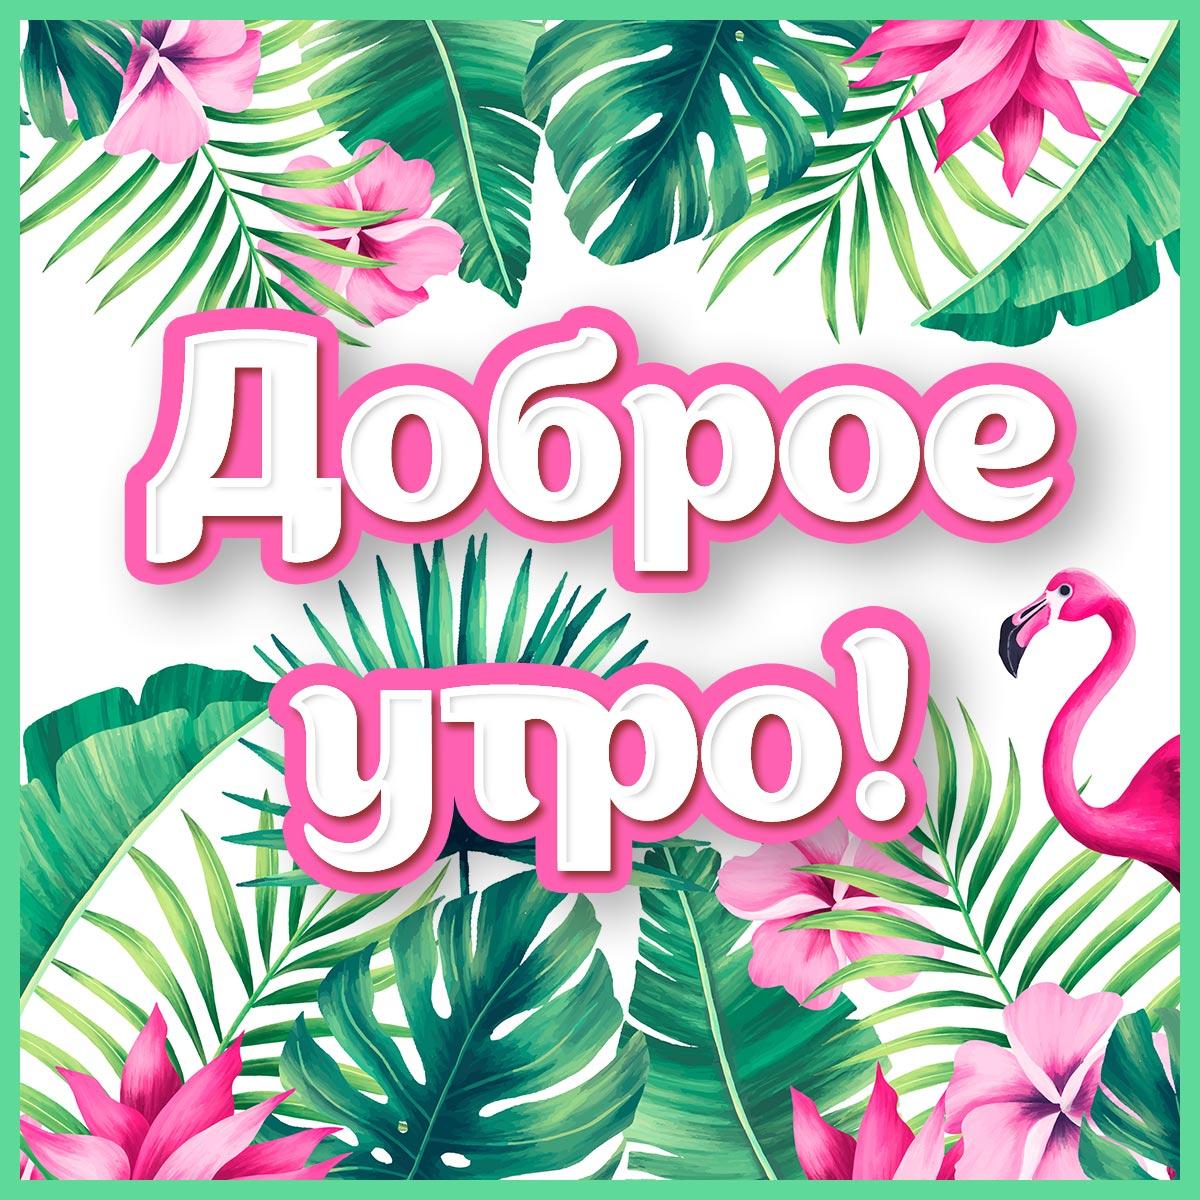 Картинка - пожелание доброе утрос розовым фламинго и зелёными тропическими листьями.